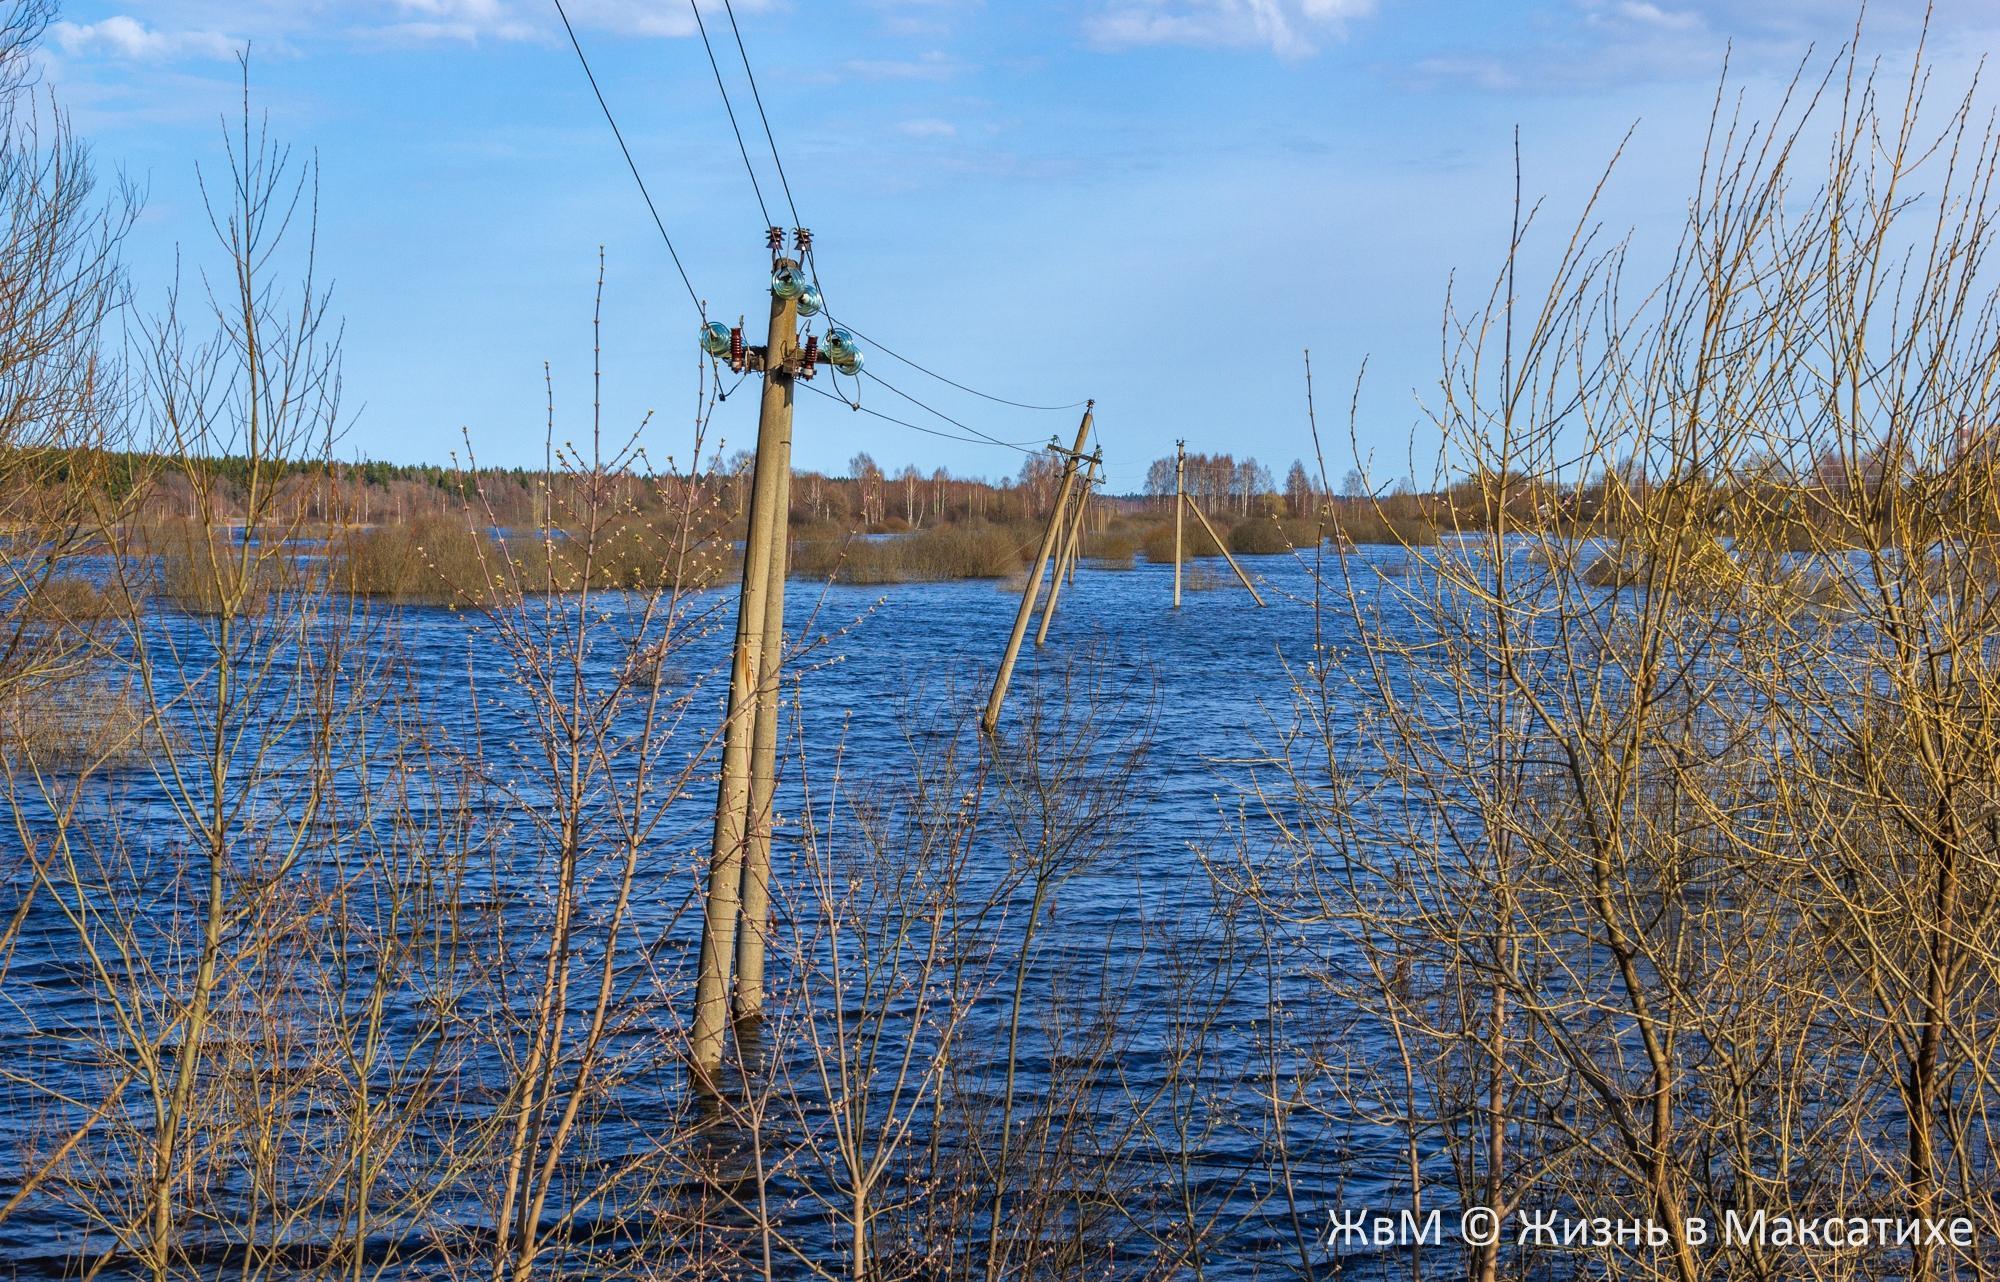 В Максатихе Тверской области вода затапливает улицы и огороды - новости Афанасий